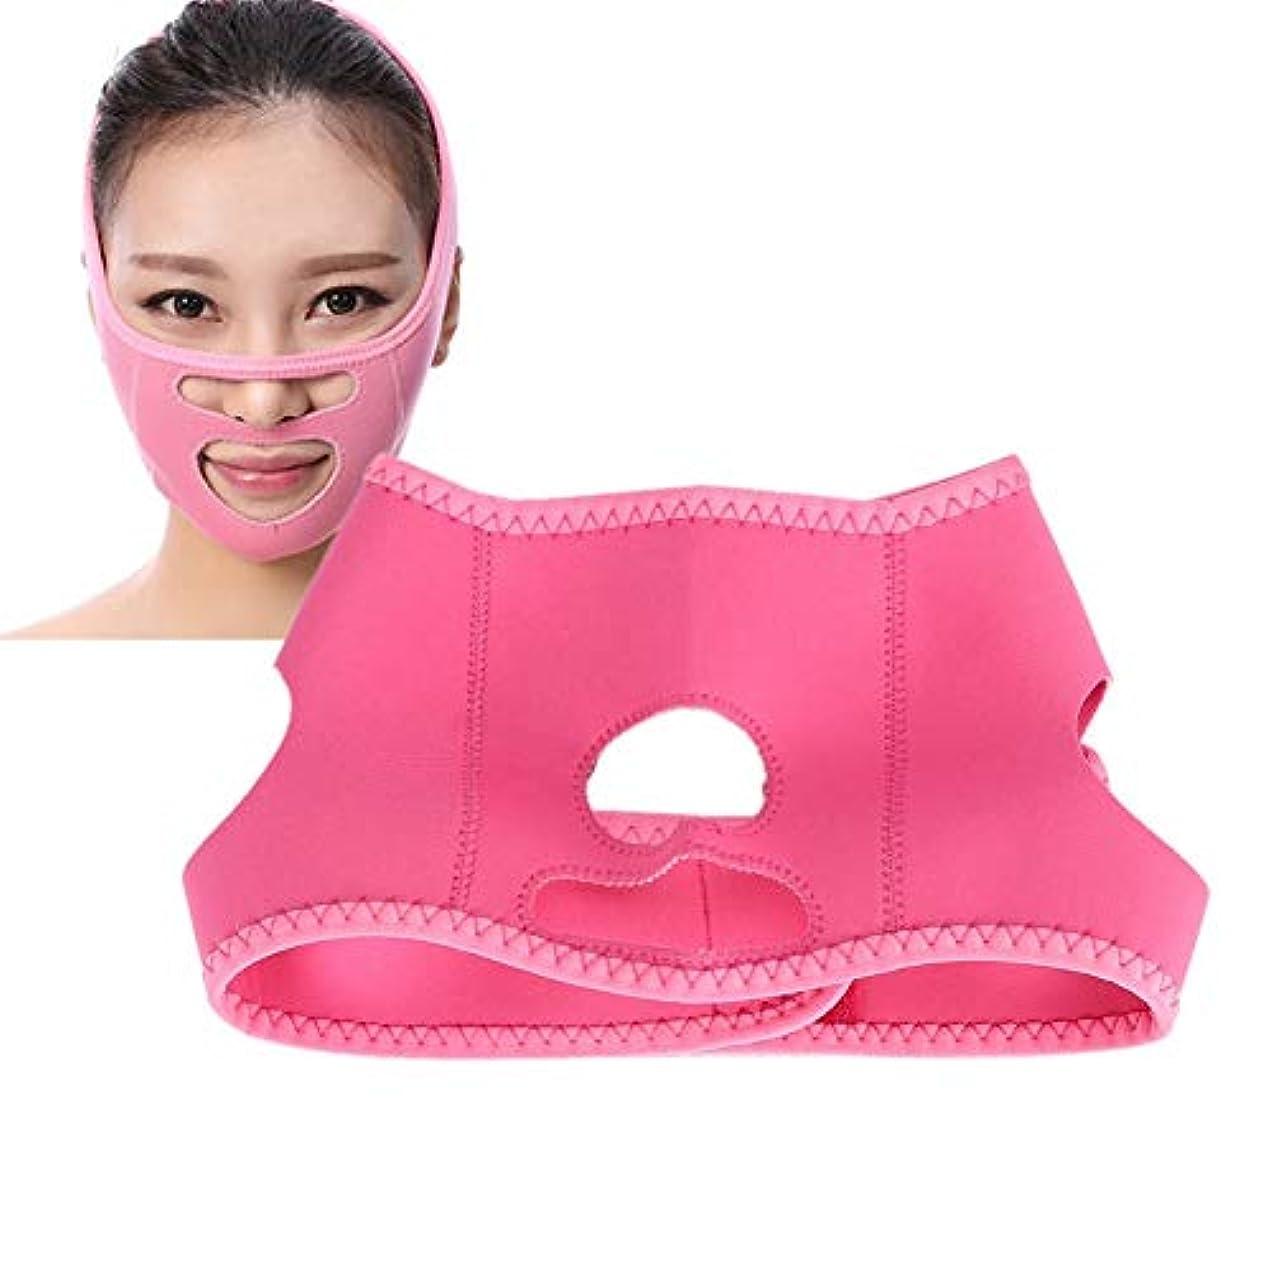 外交官テーブルを設定する強調するフェイスマスク 低反発素材 通気 小顔 矯正 顔痩せ 筋肉弛緩 二重あご 補正ベルト